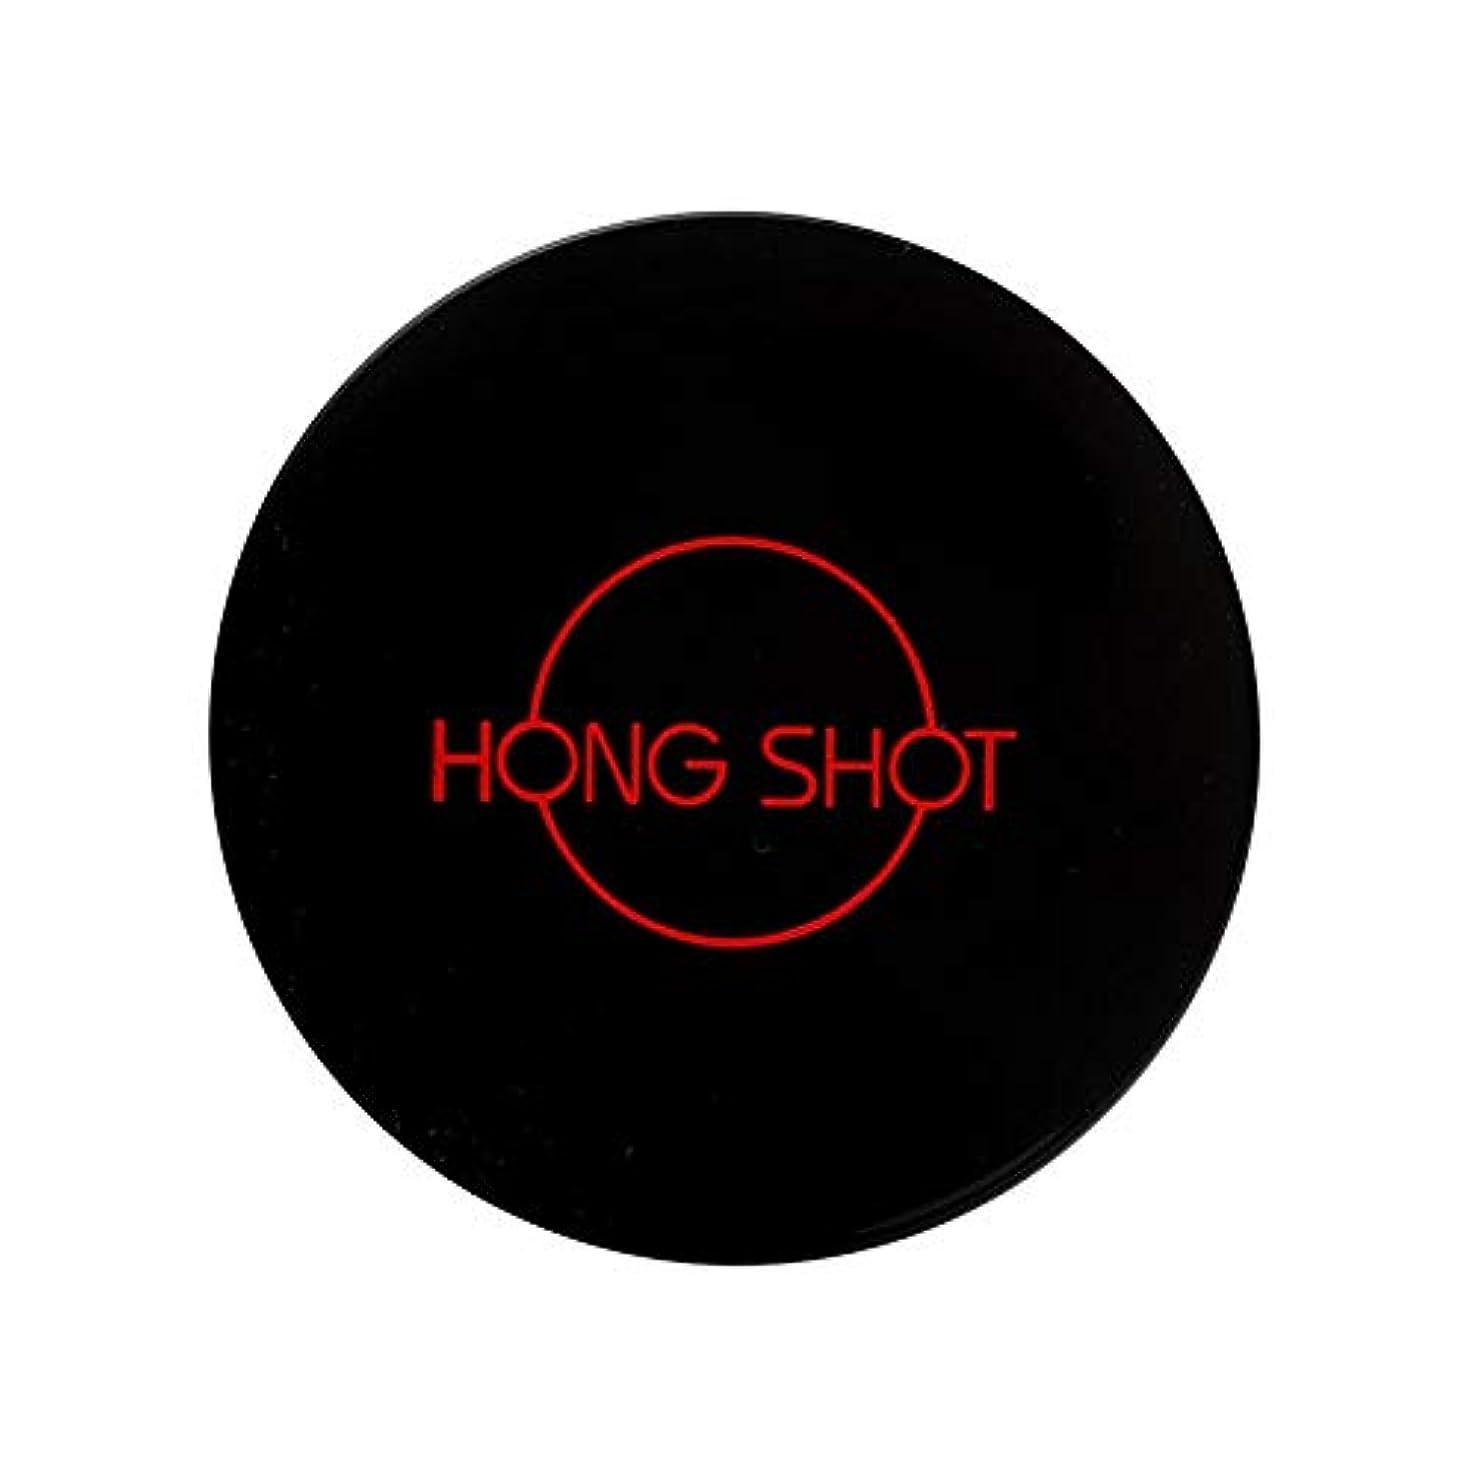 ポルトガル語ライトニング交流する[HONG SHOT] ホンシャトパワーラスティングコンシルファクト 16g / HONGSHOT POWER LASTING CONCEAL PACT 16g / Hongjinyoung PACT [並行輸入品] (...